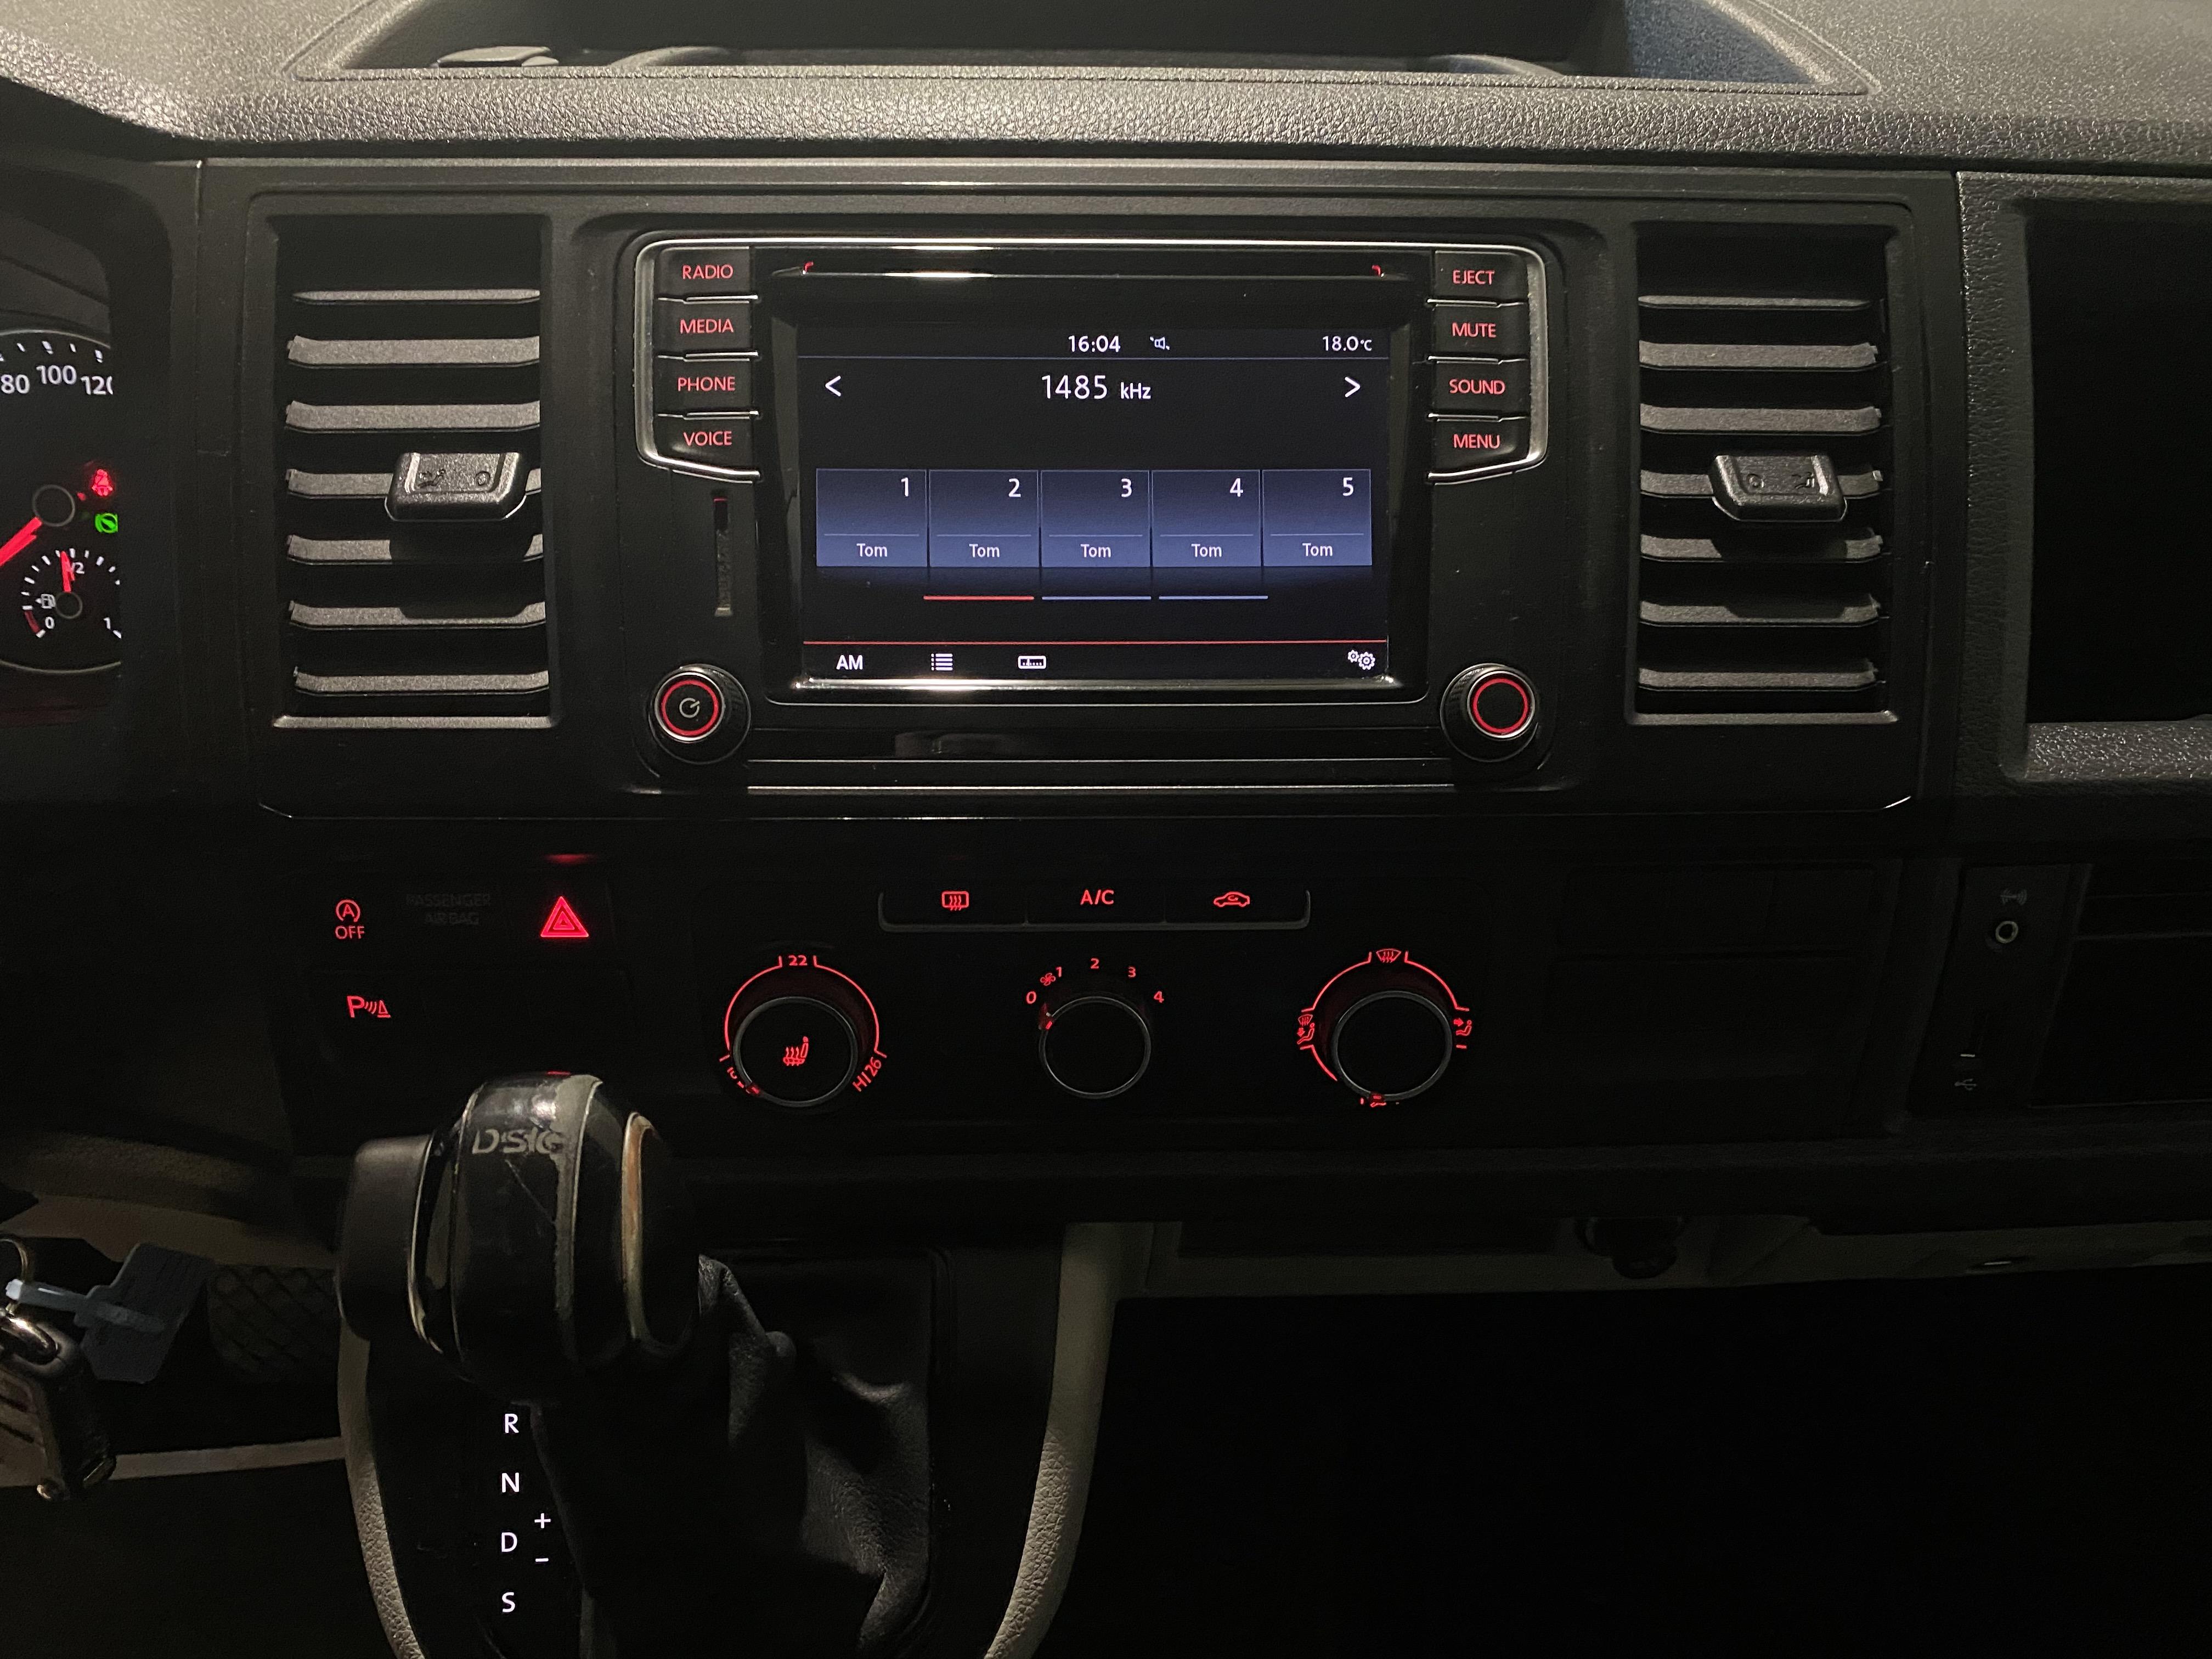 VW Transporter 2,0 150 Kassevogn DSG lang leasing